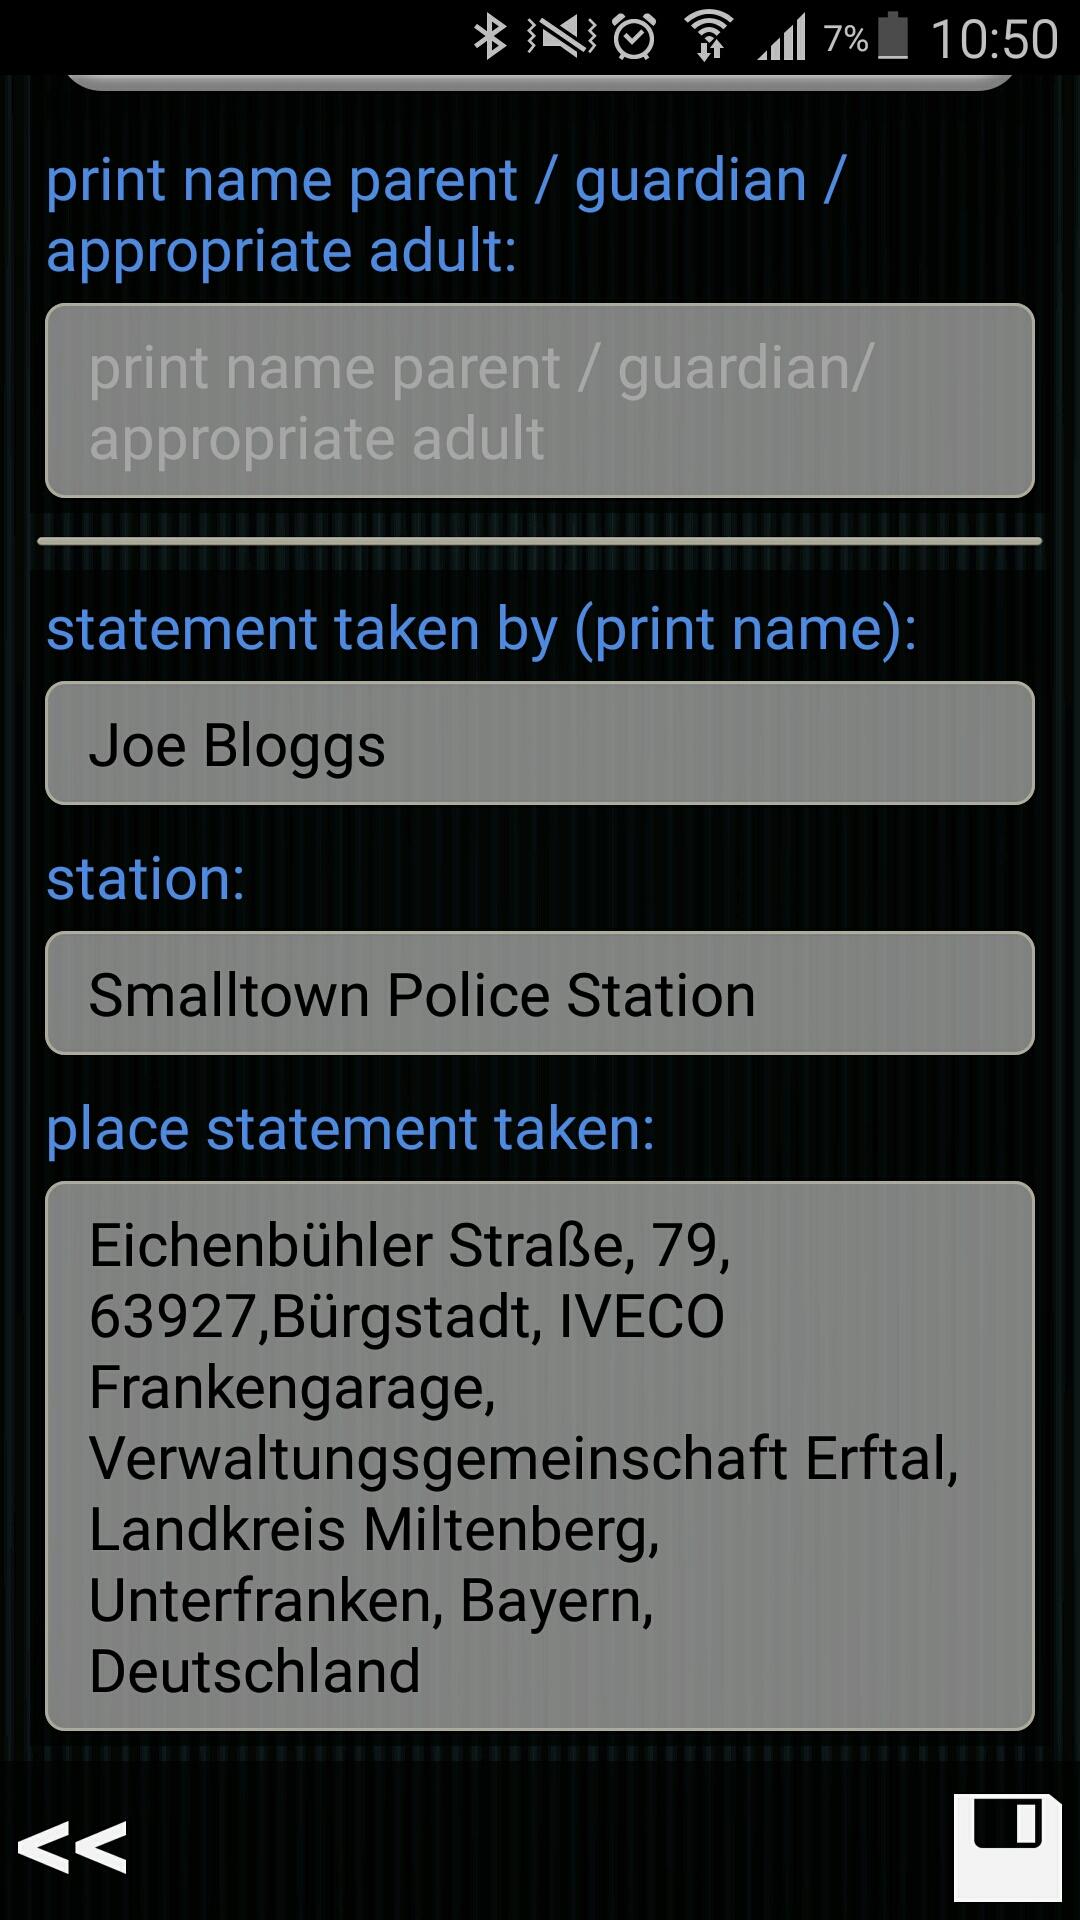 ginstr_app_witnessStatement_EN-10